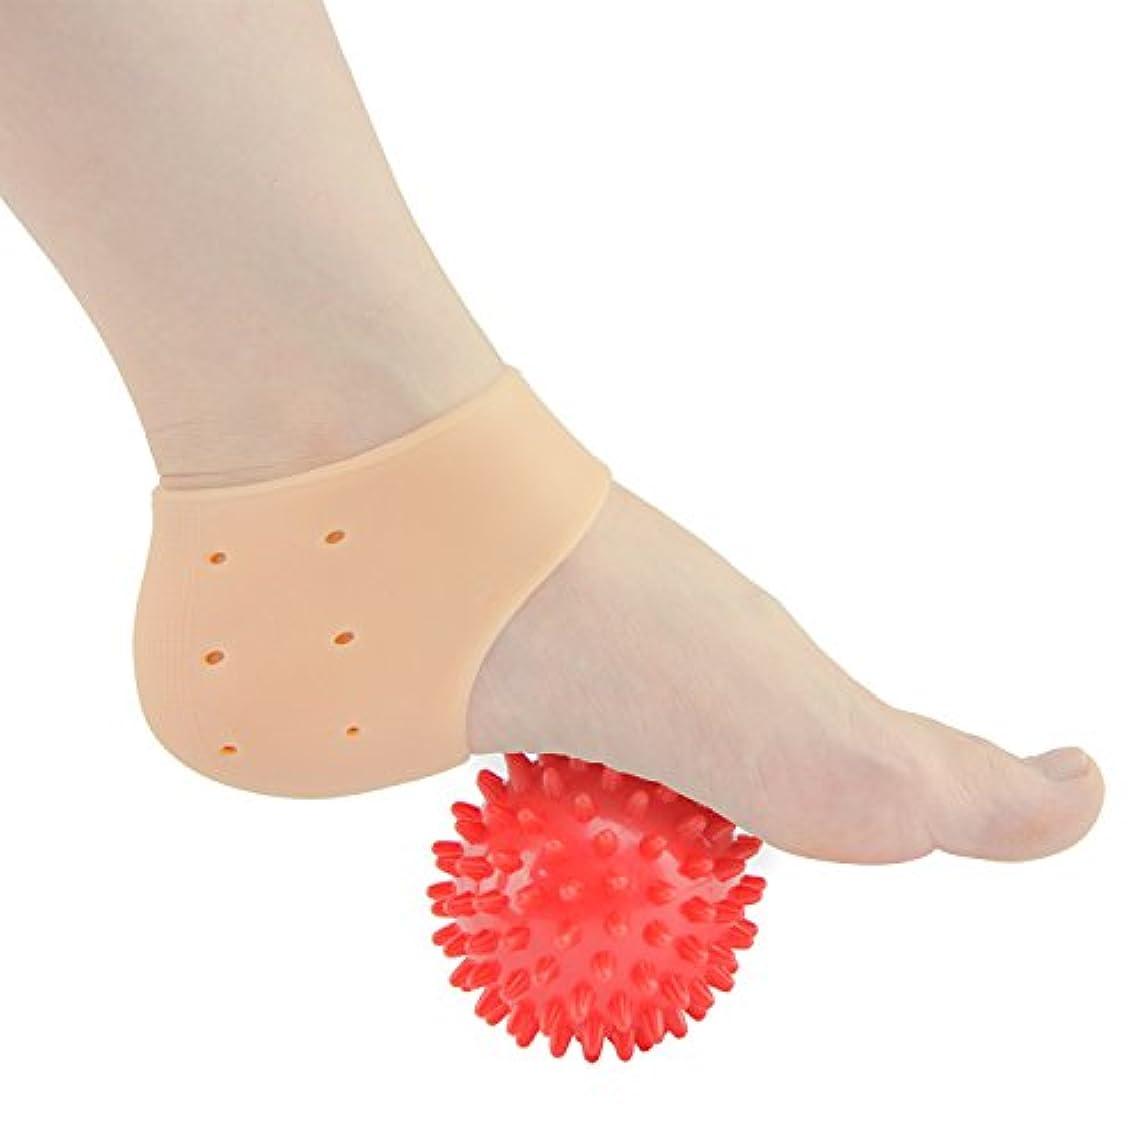 Sumifun かかと保護カバー, 足底筋膜炎治療ラップジェルスリーブフットマッサージ足痛み軽減 かかと痛サポーター 衝撃吸収 ジェルサポーター かかとケア 美足 保湿 かかと靴下